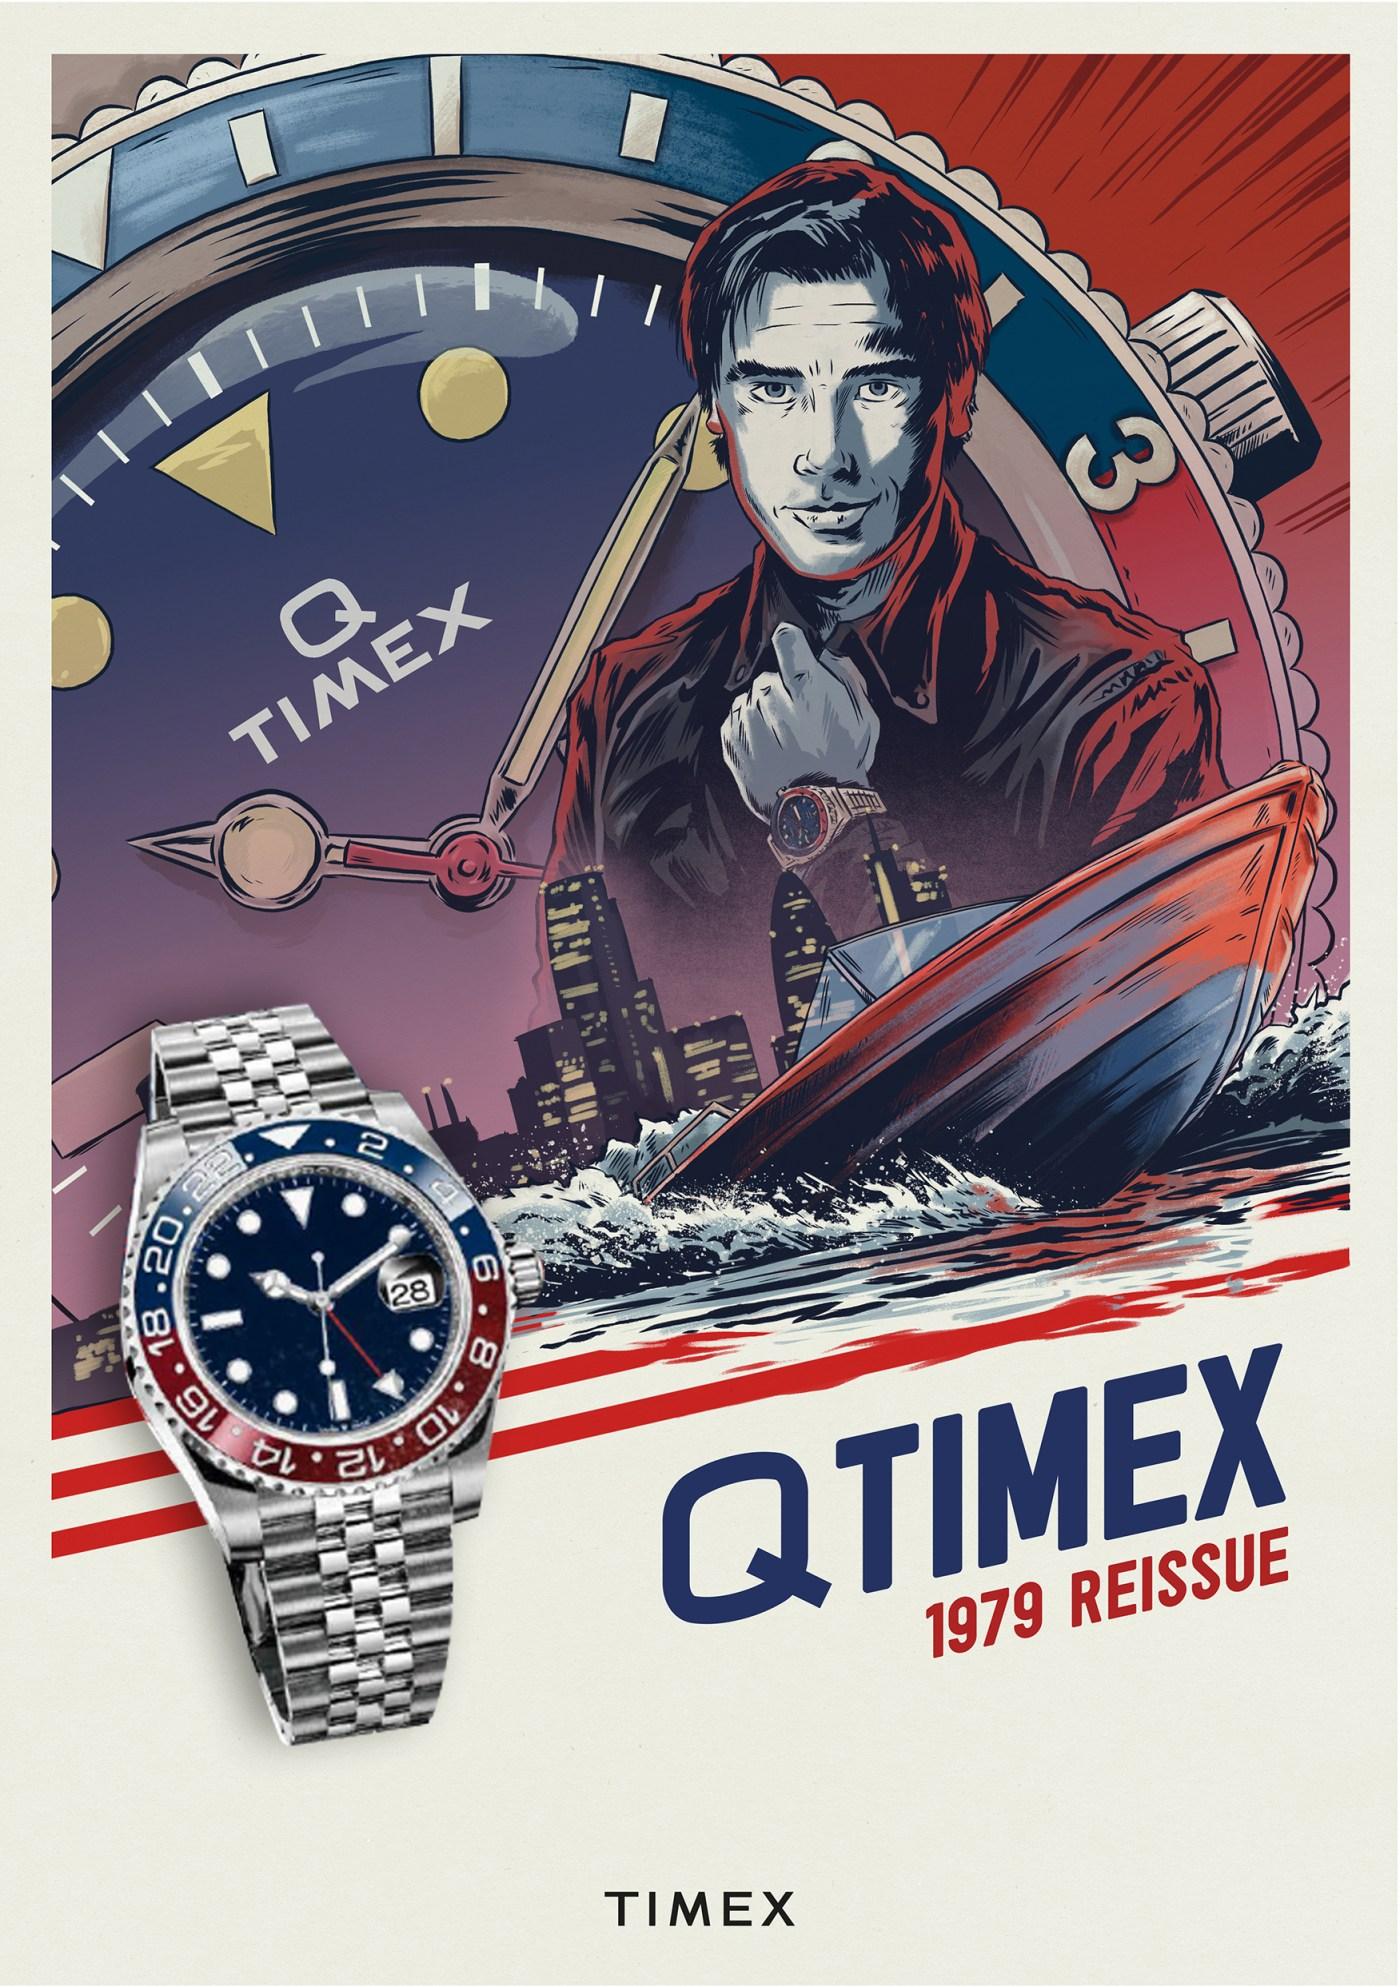 Q Timex 2019